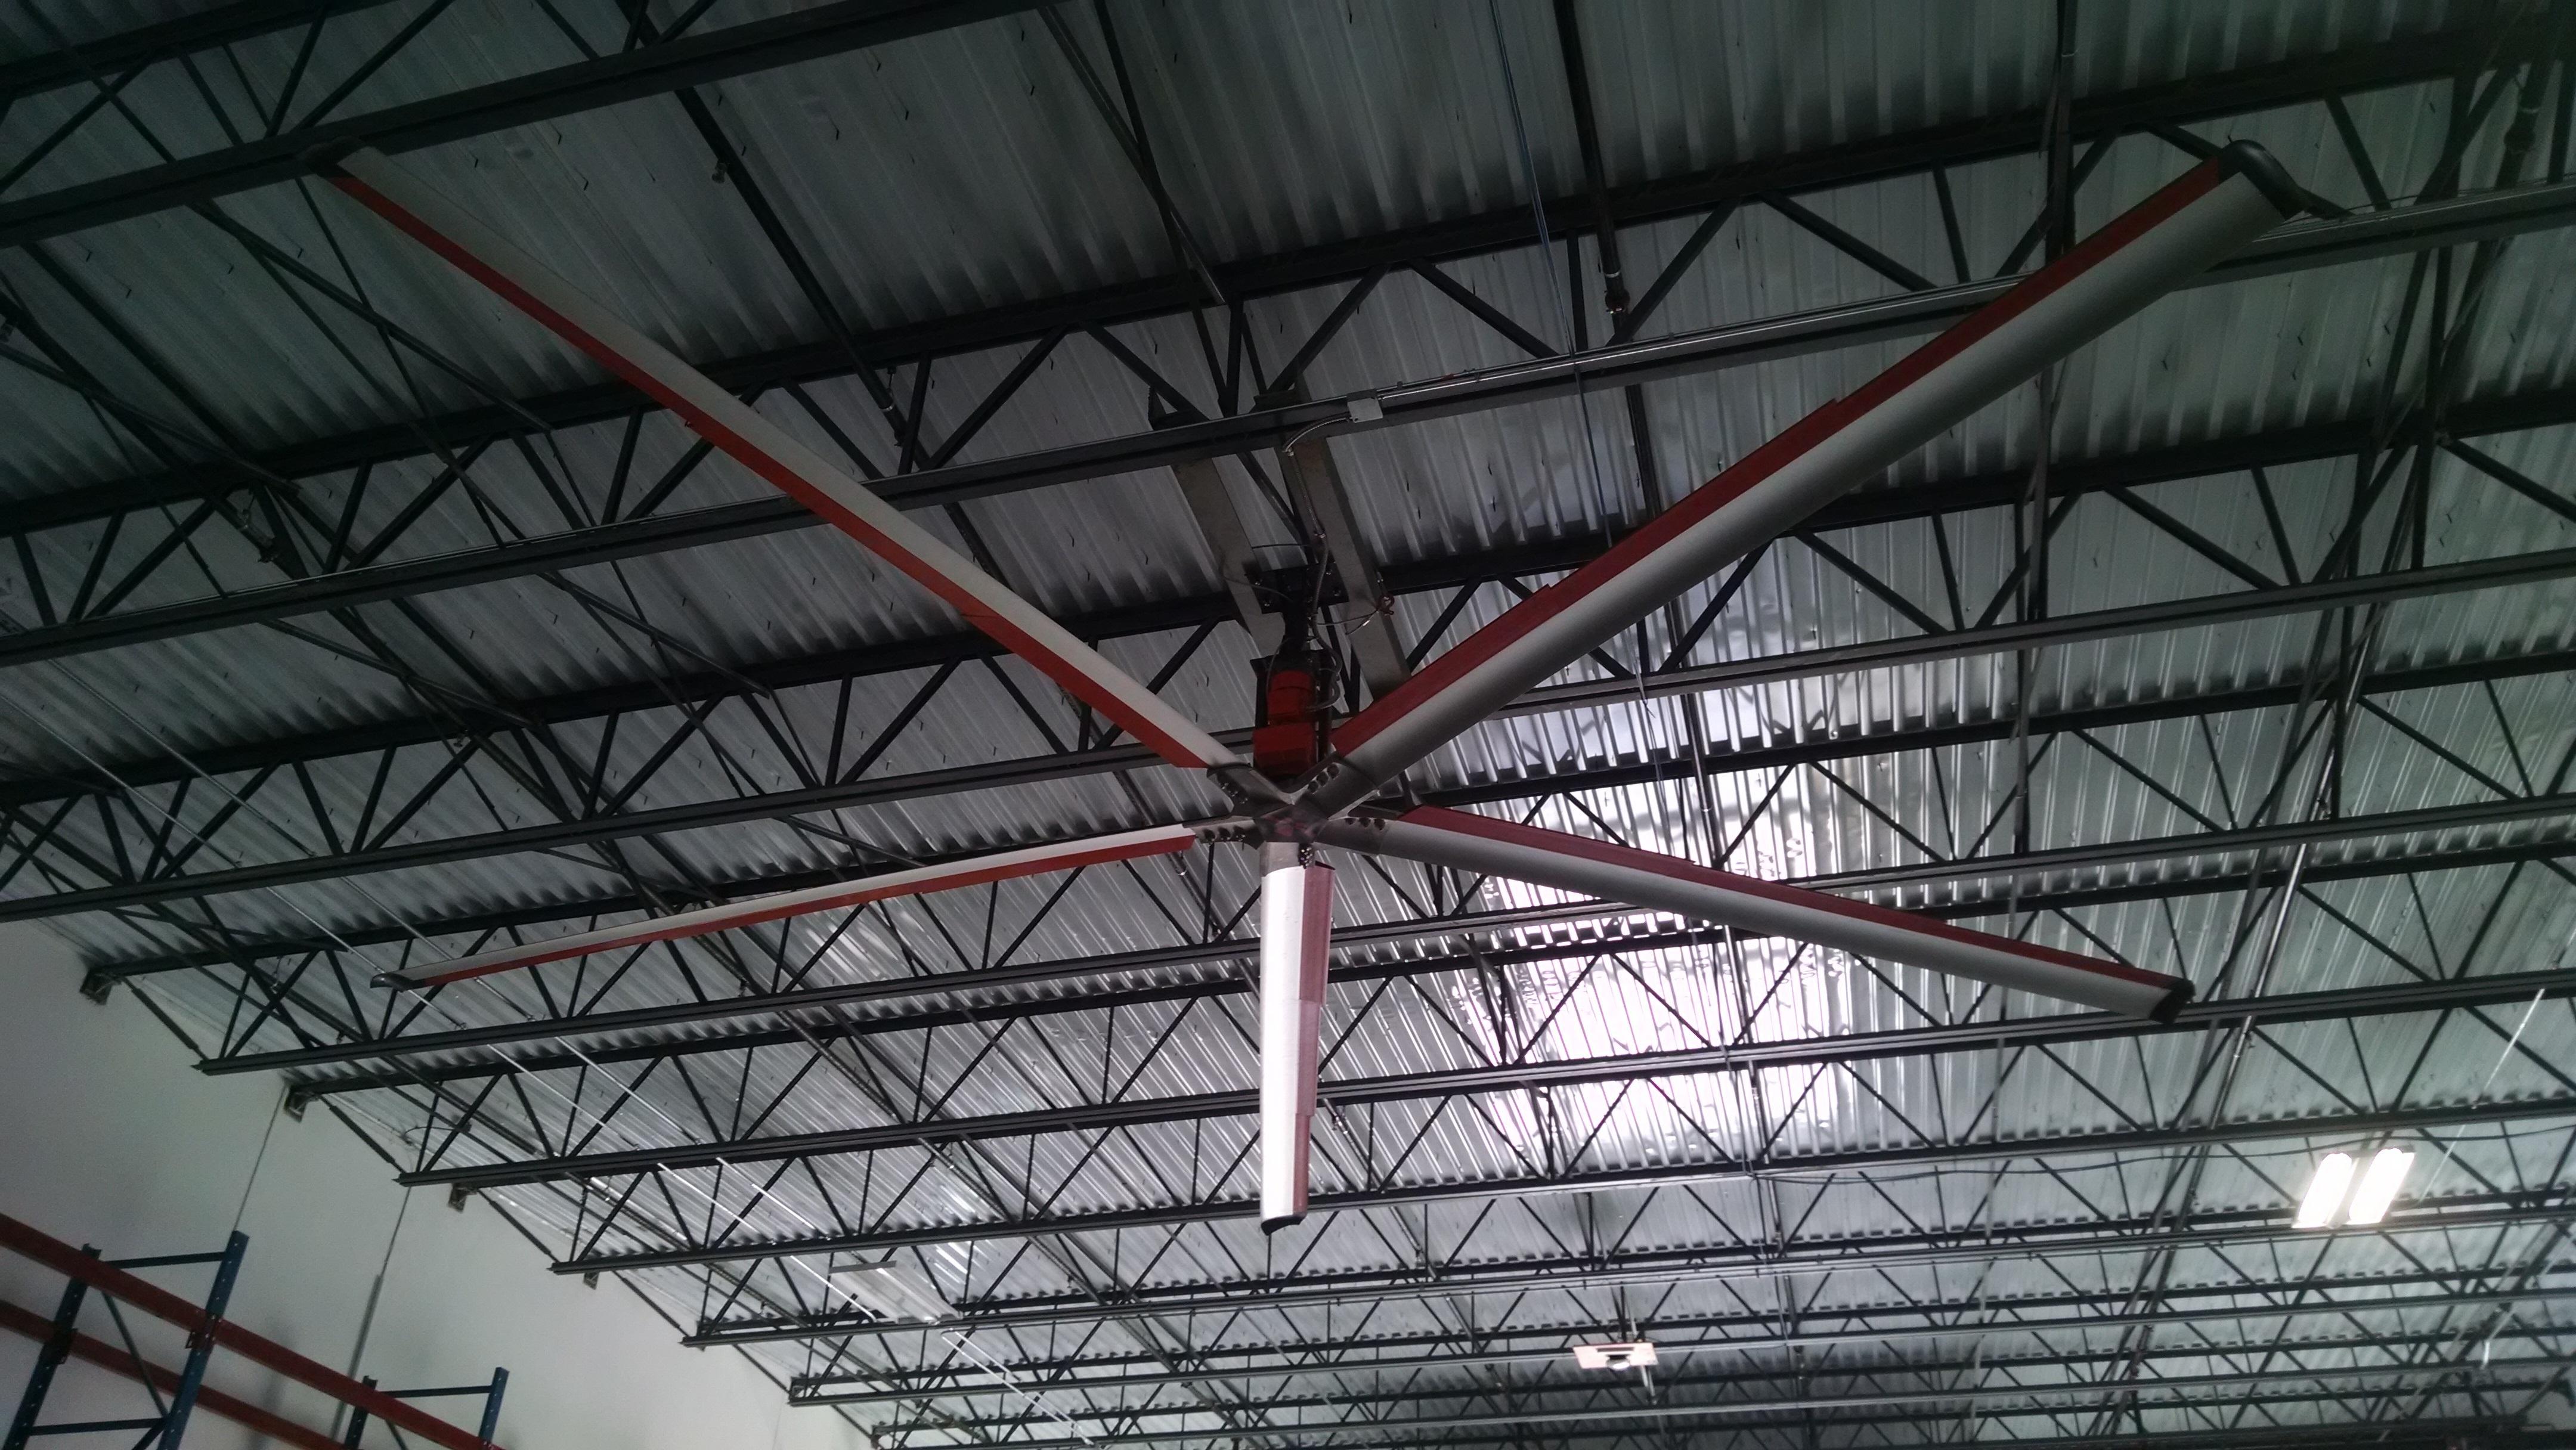 Industrial Warehouse Fan